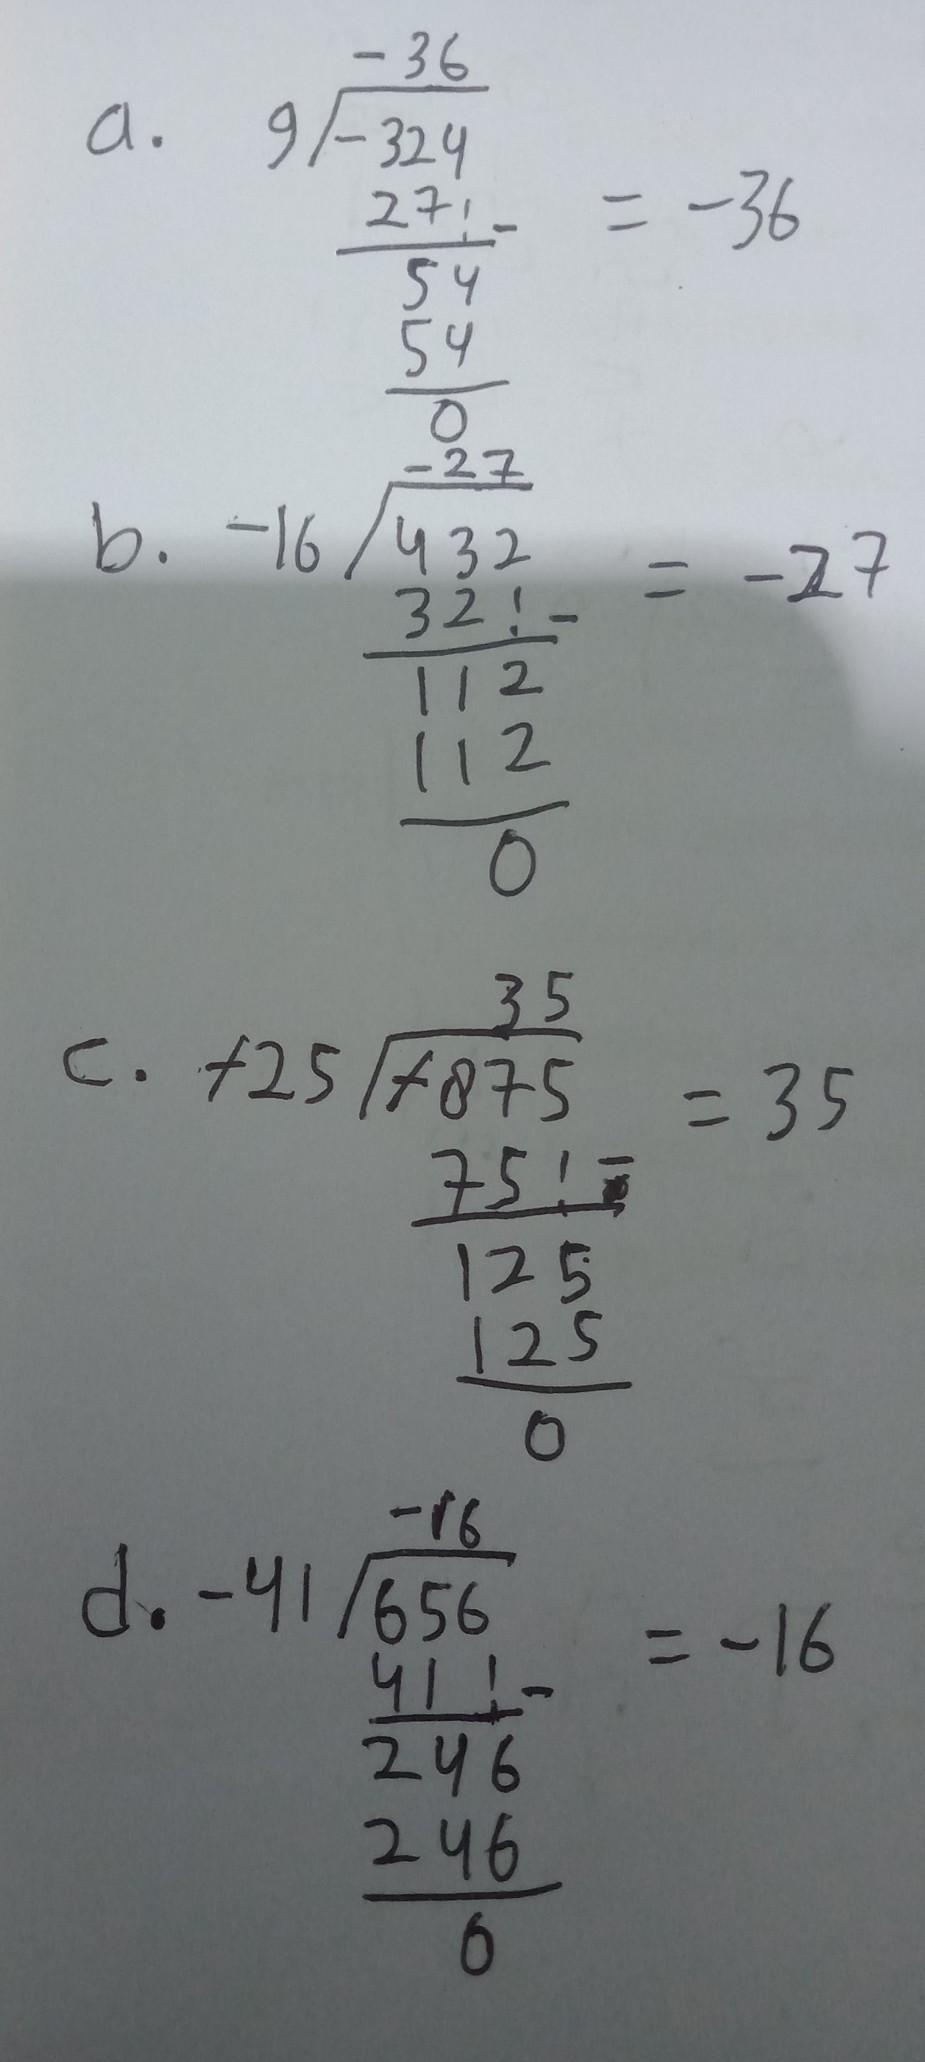 Tentukan Hasil Pembagian Bilangan Bulat Berikuta 324 9b 432 16 C 875 25 D 656 41 Brainly Co Id